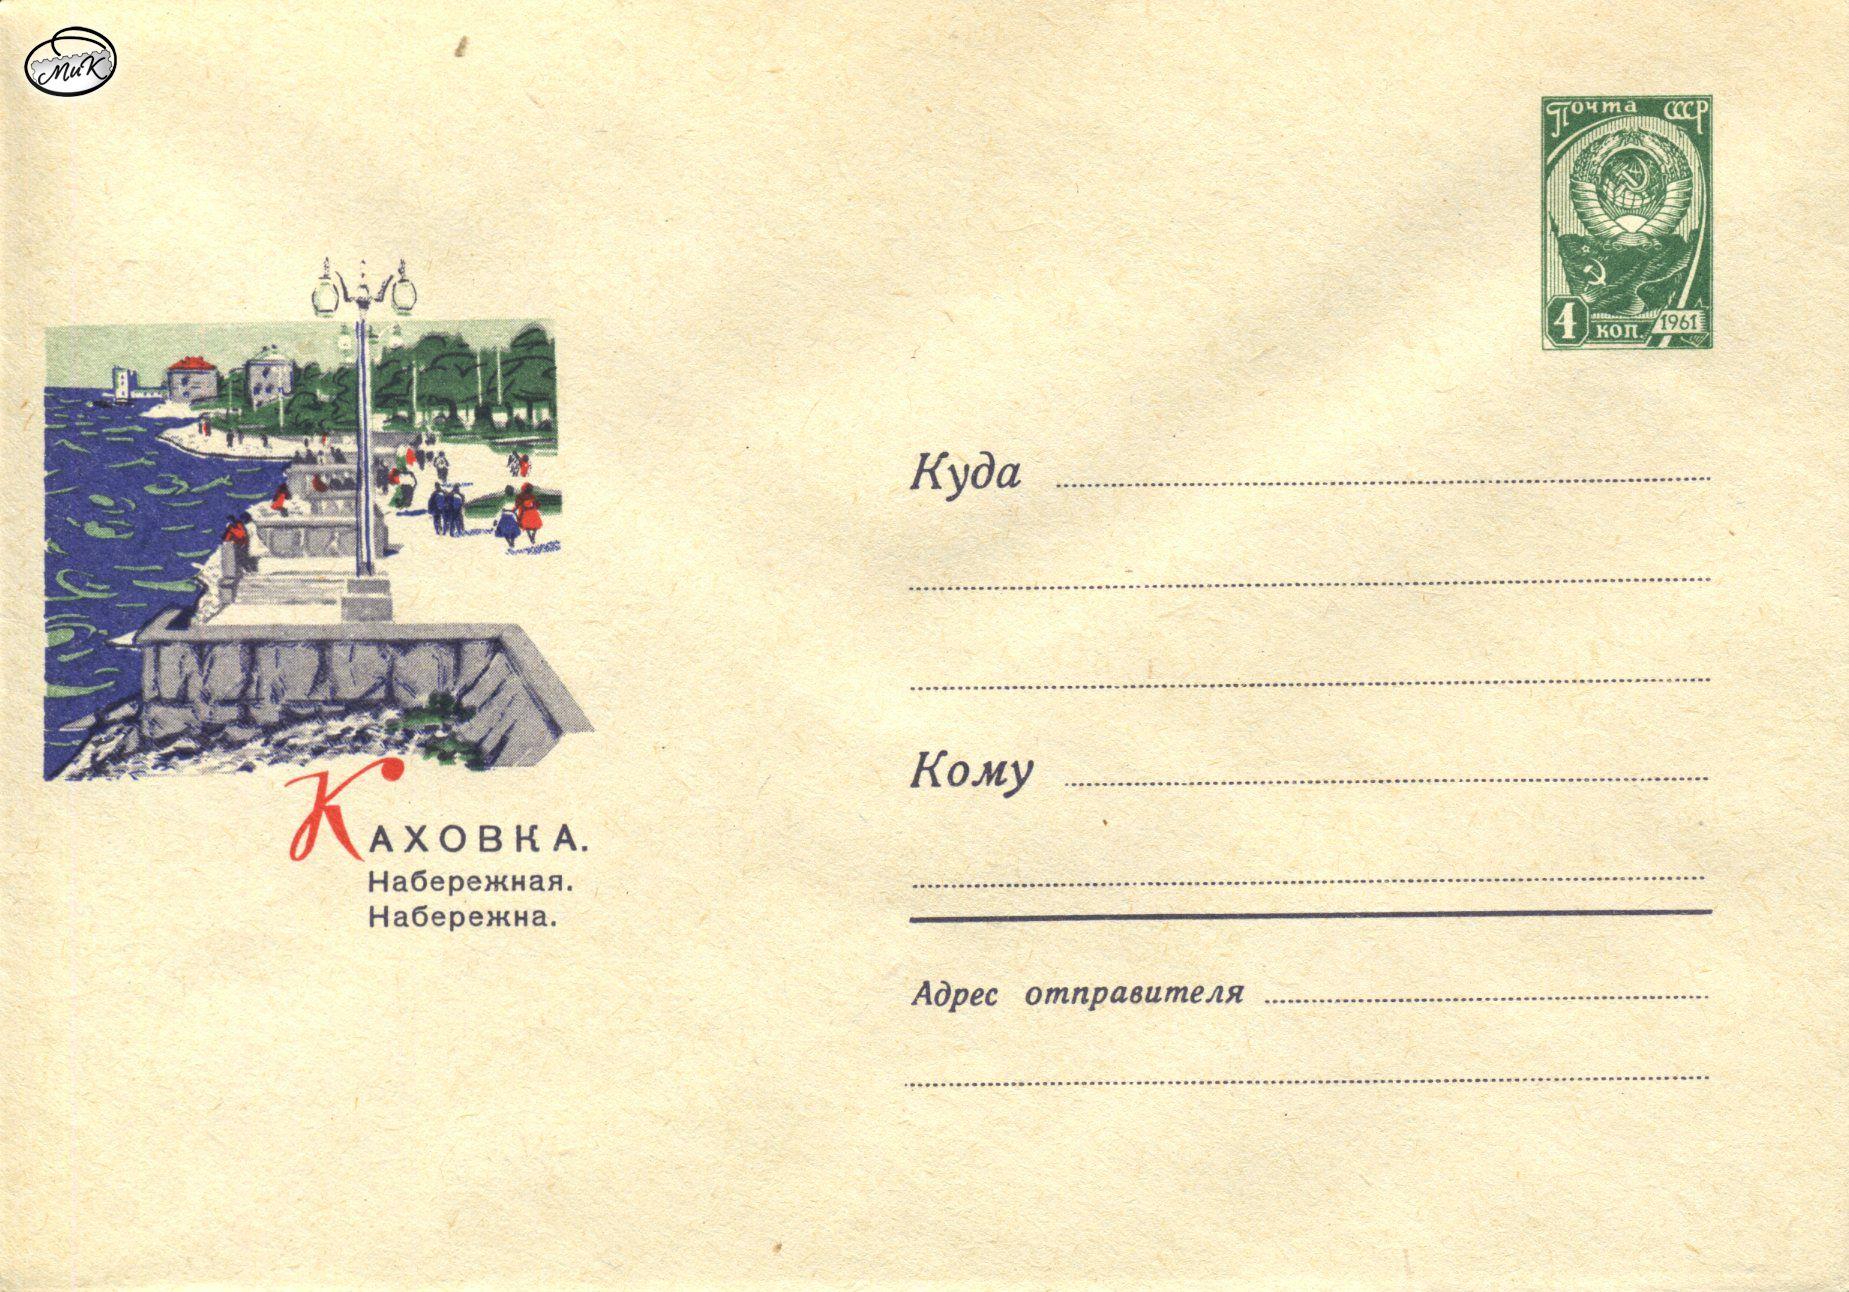 Каховка. Набережная. Конверт издан Министерством связи СССР в 1965 г.